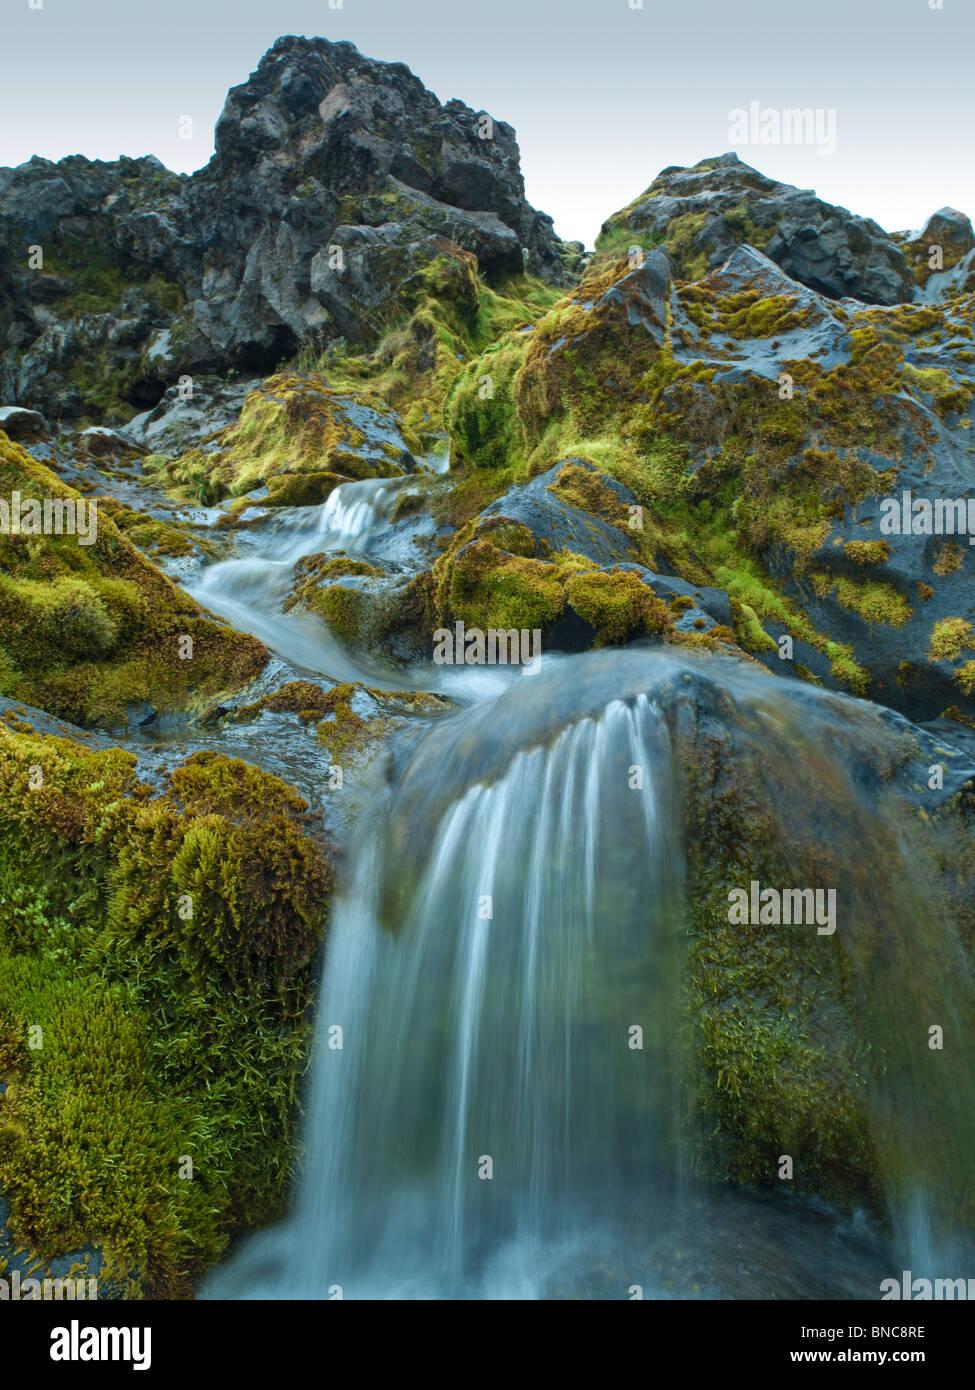 Entre le ruisseau de lave couvertes de mousse dans le plateau central, de l'Islande Photo Stock